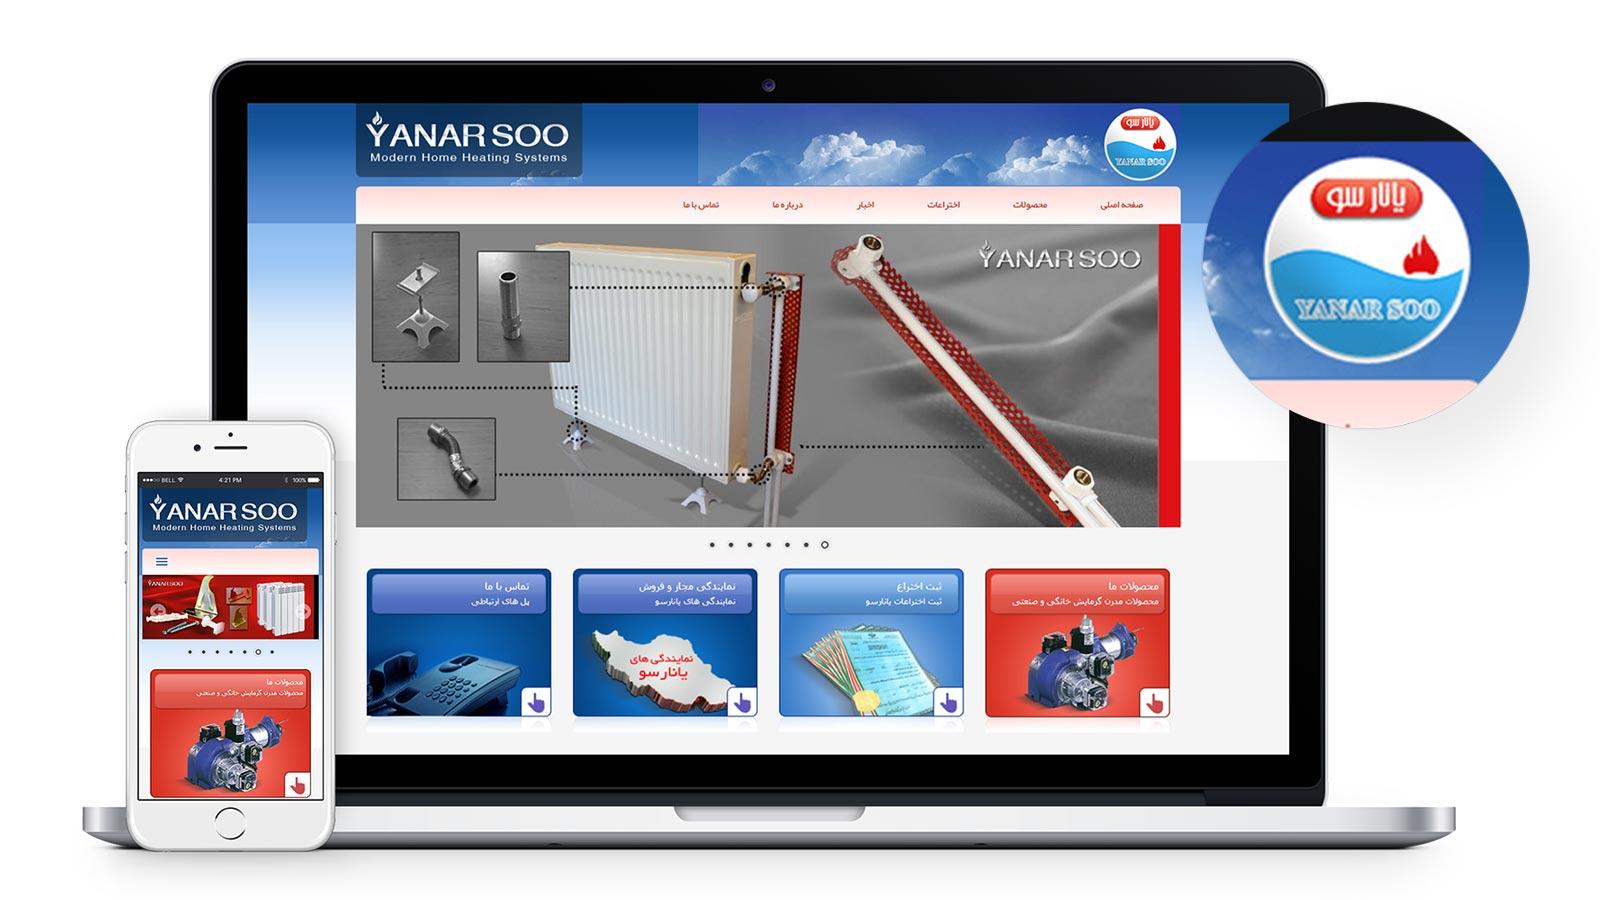 سایت محصولات یانارسو